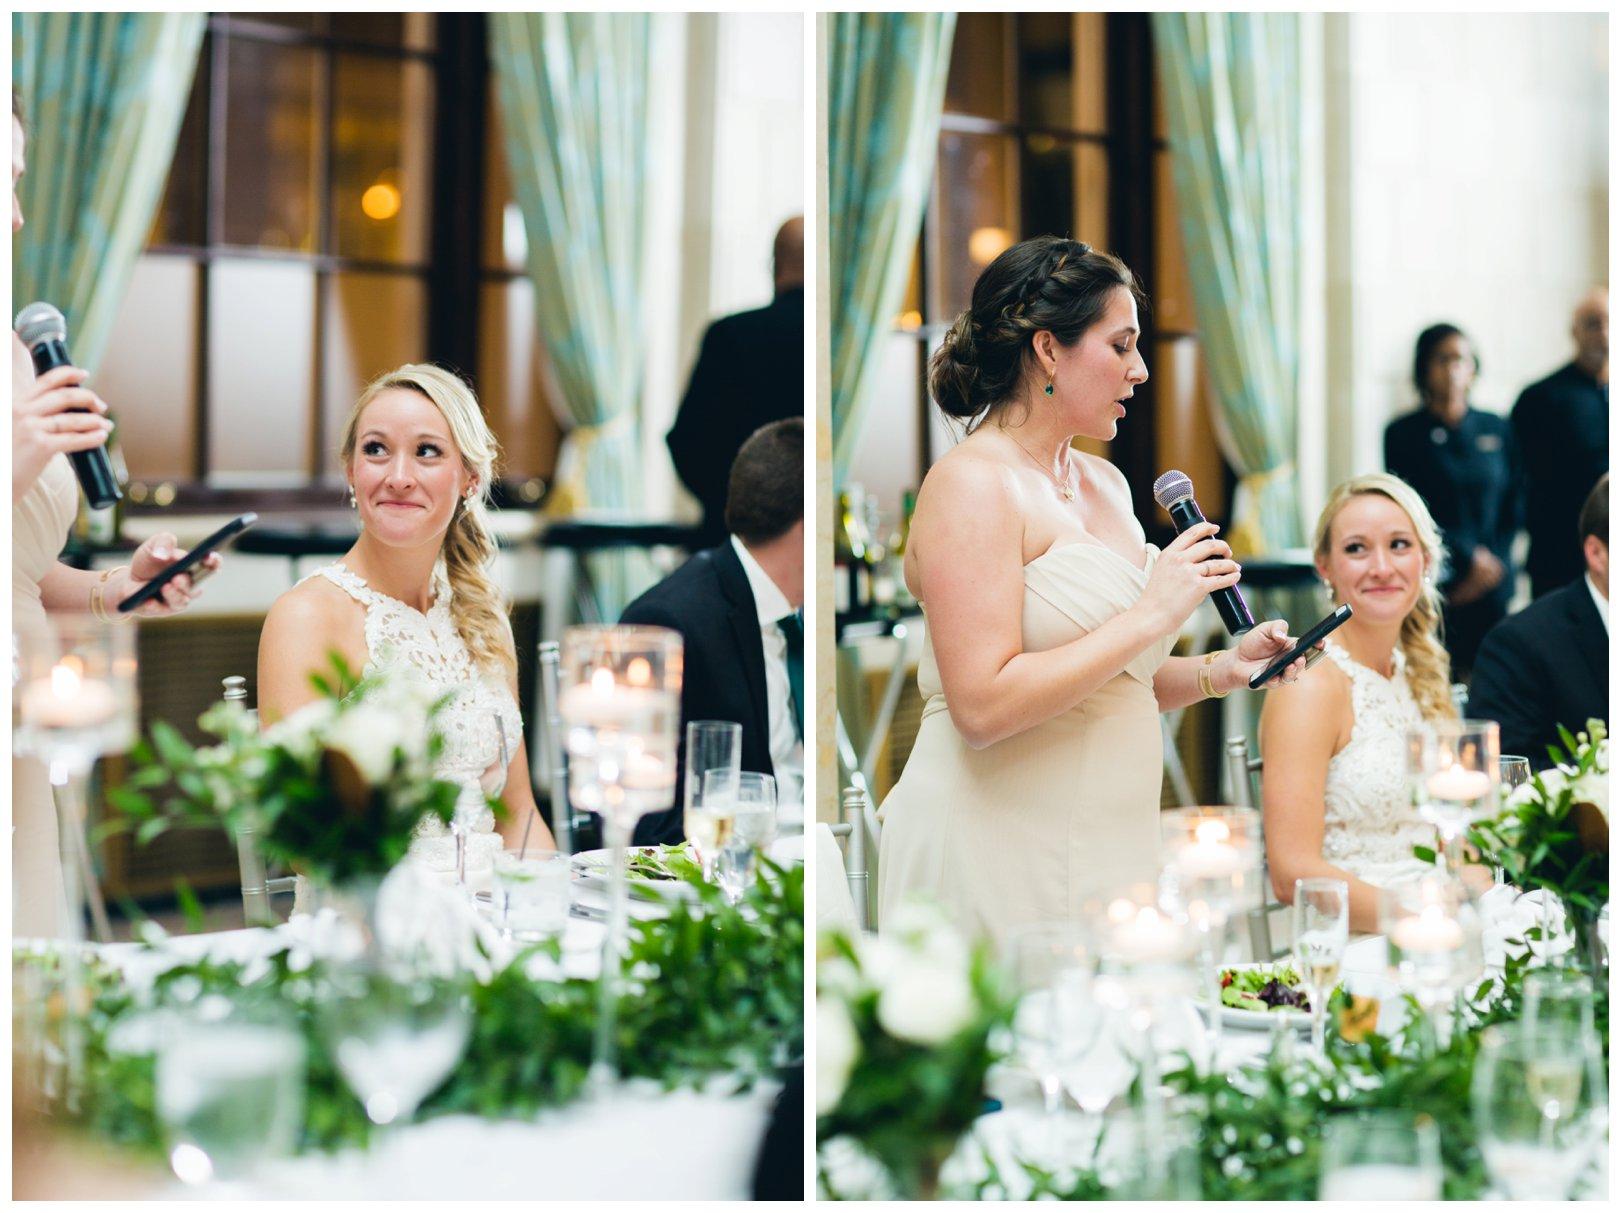 lauren muckler photography_fine art film wedding photography_st louis_photography_2447.jpg